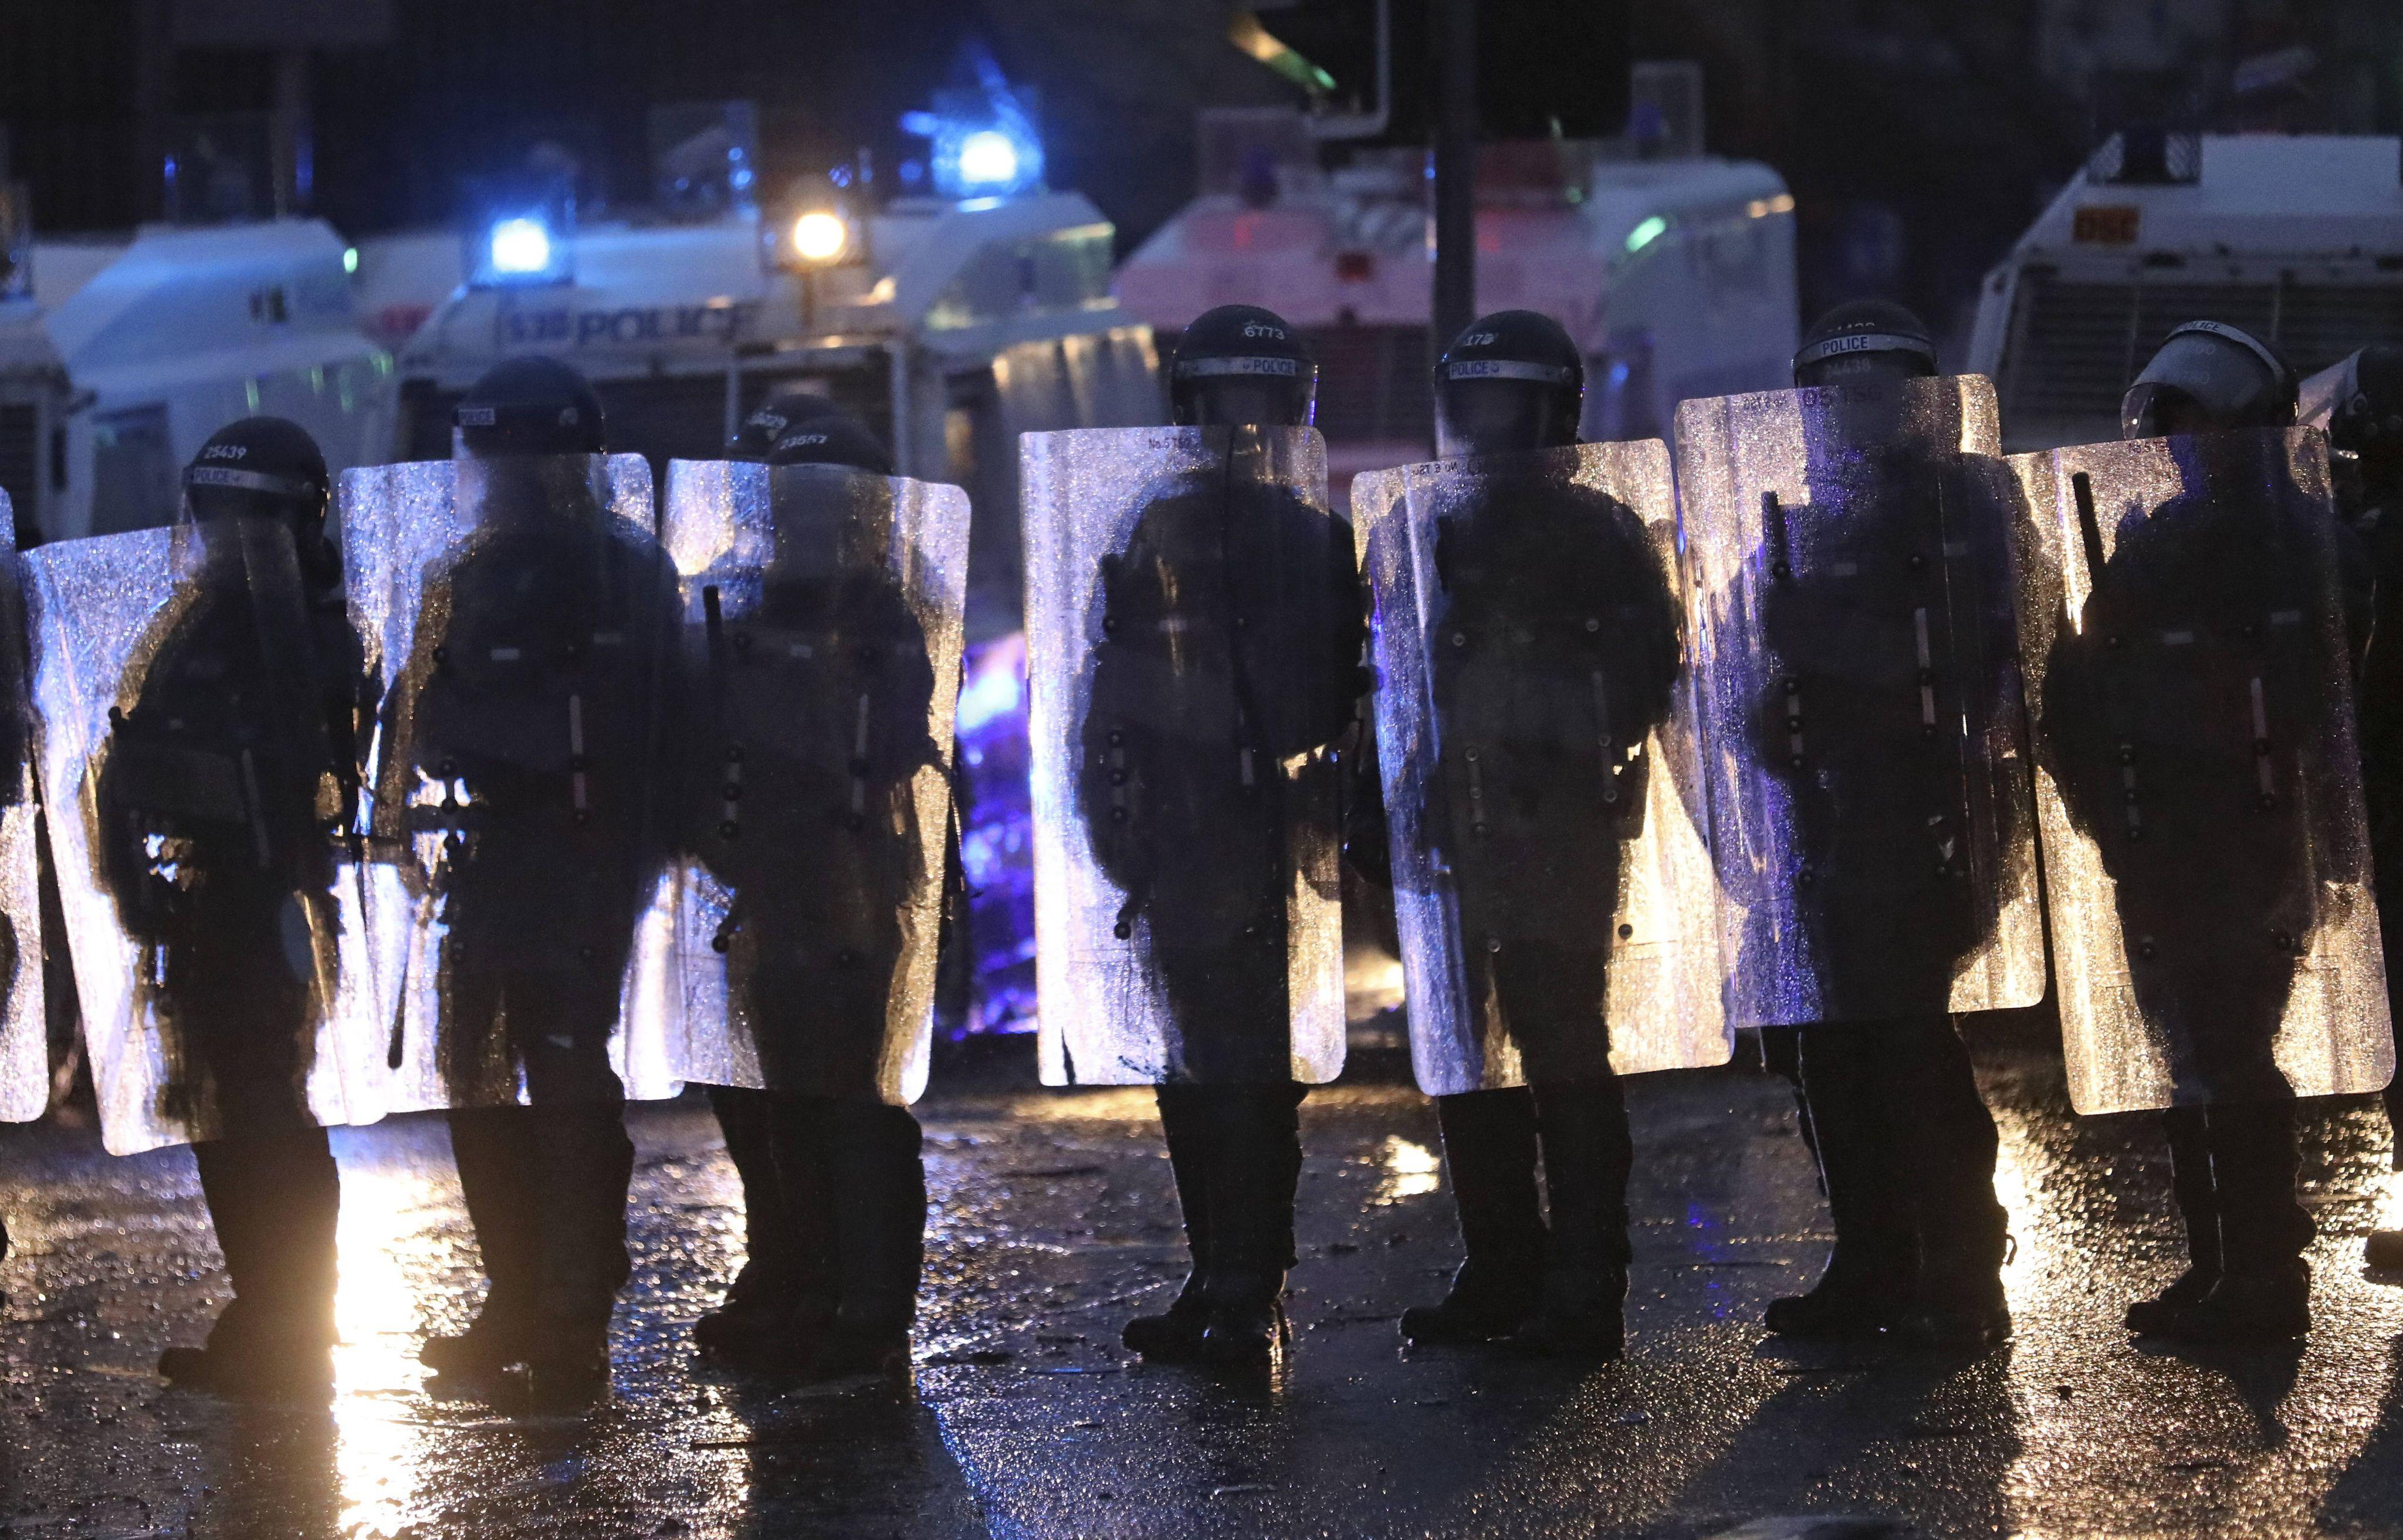 C'est l'heure du BIM : Belfast sous les cocktails Molotov, George Floyd sans oxygène et calamité agricole dégelée